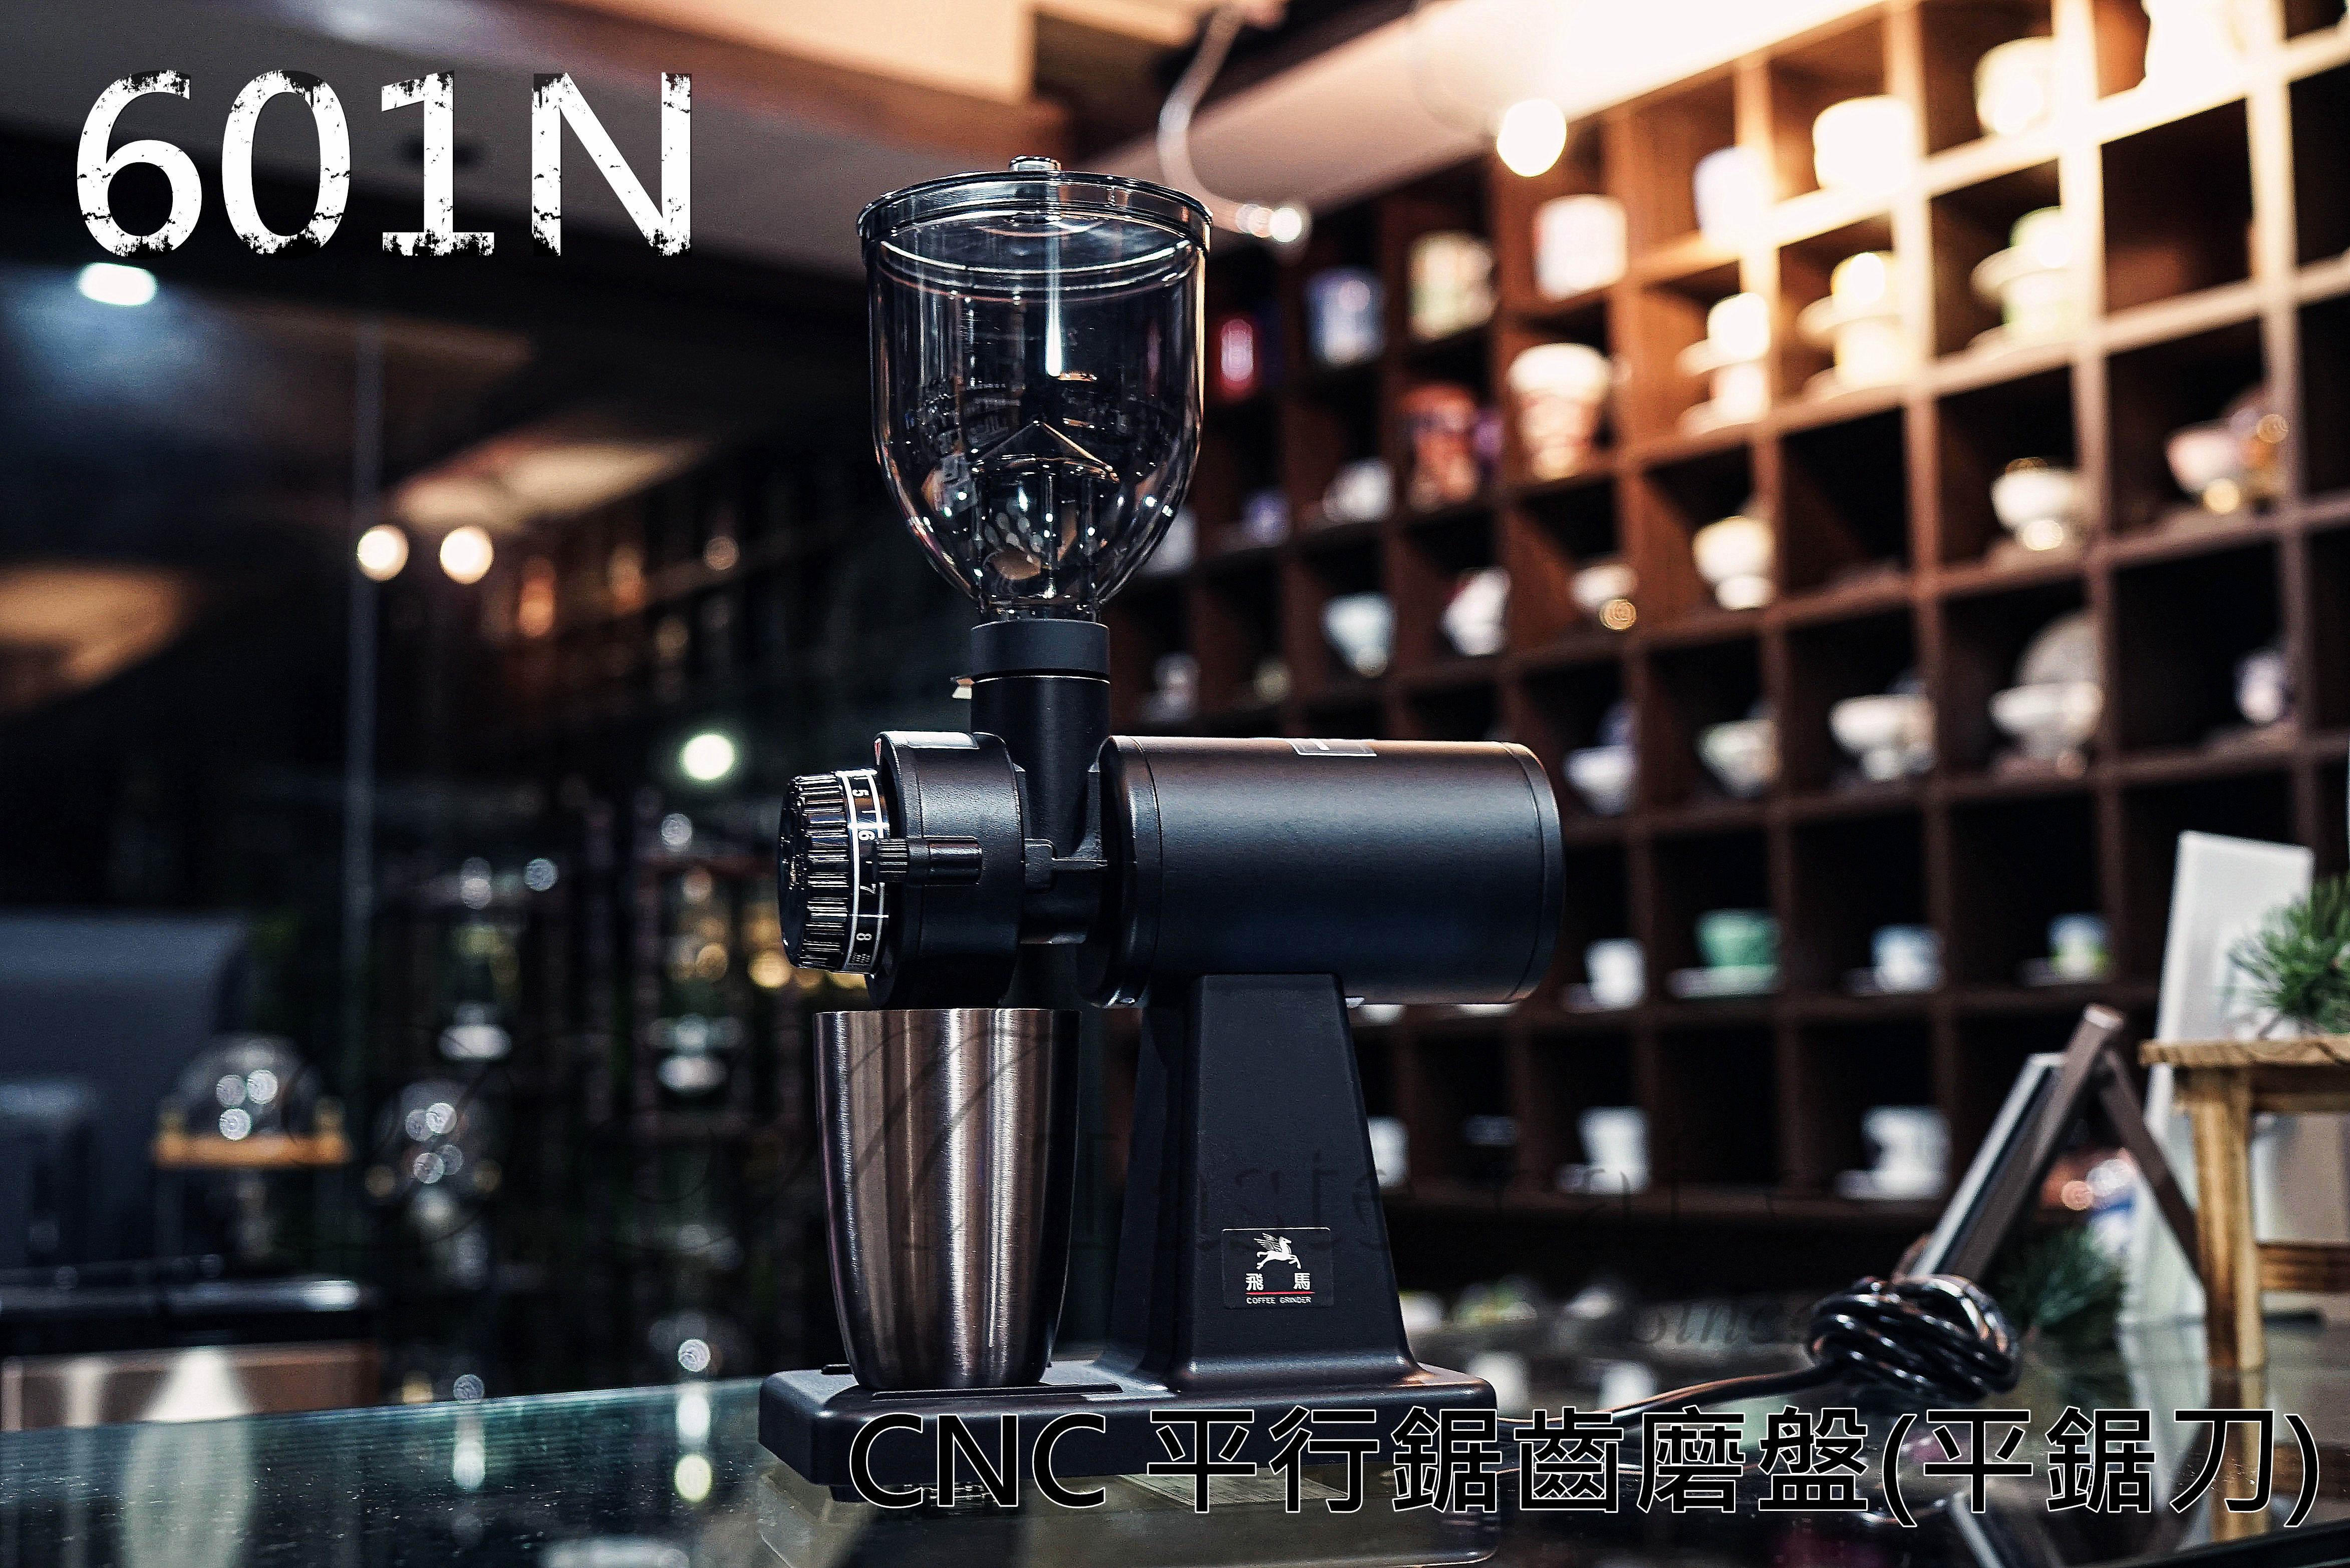 【原廠保固】飛馬牌 CNC 平鋸刀 601N 小飛馬 半磅 咖啡 電動 磨豆機